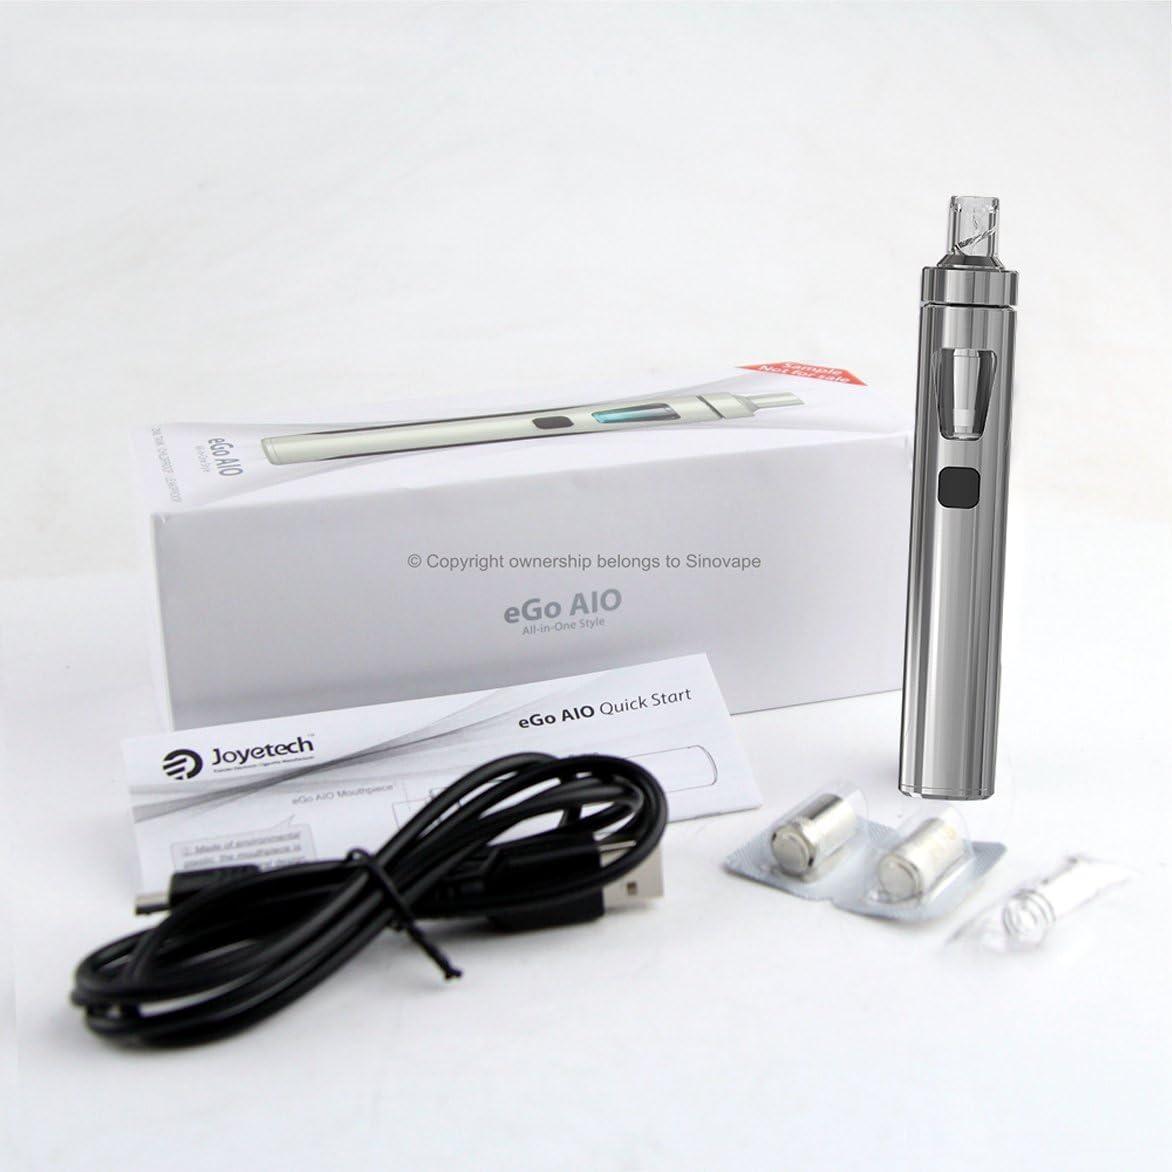 Joyetech eGo AIO (All-In-One) Kit de Inicio/E-Cigarette - Batería Recargable de 1500mAh, 2 ml